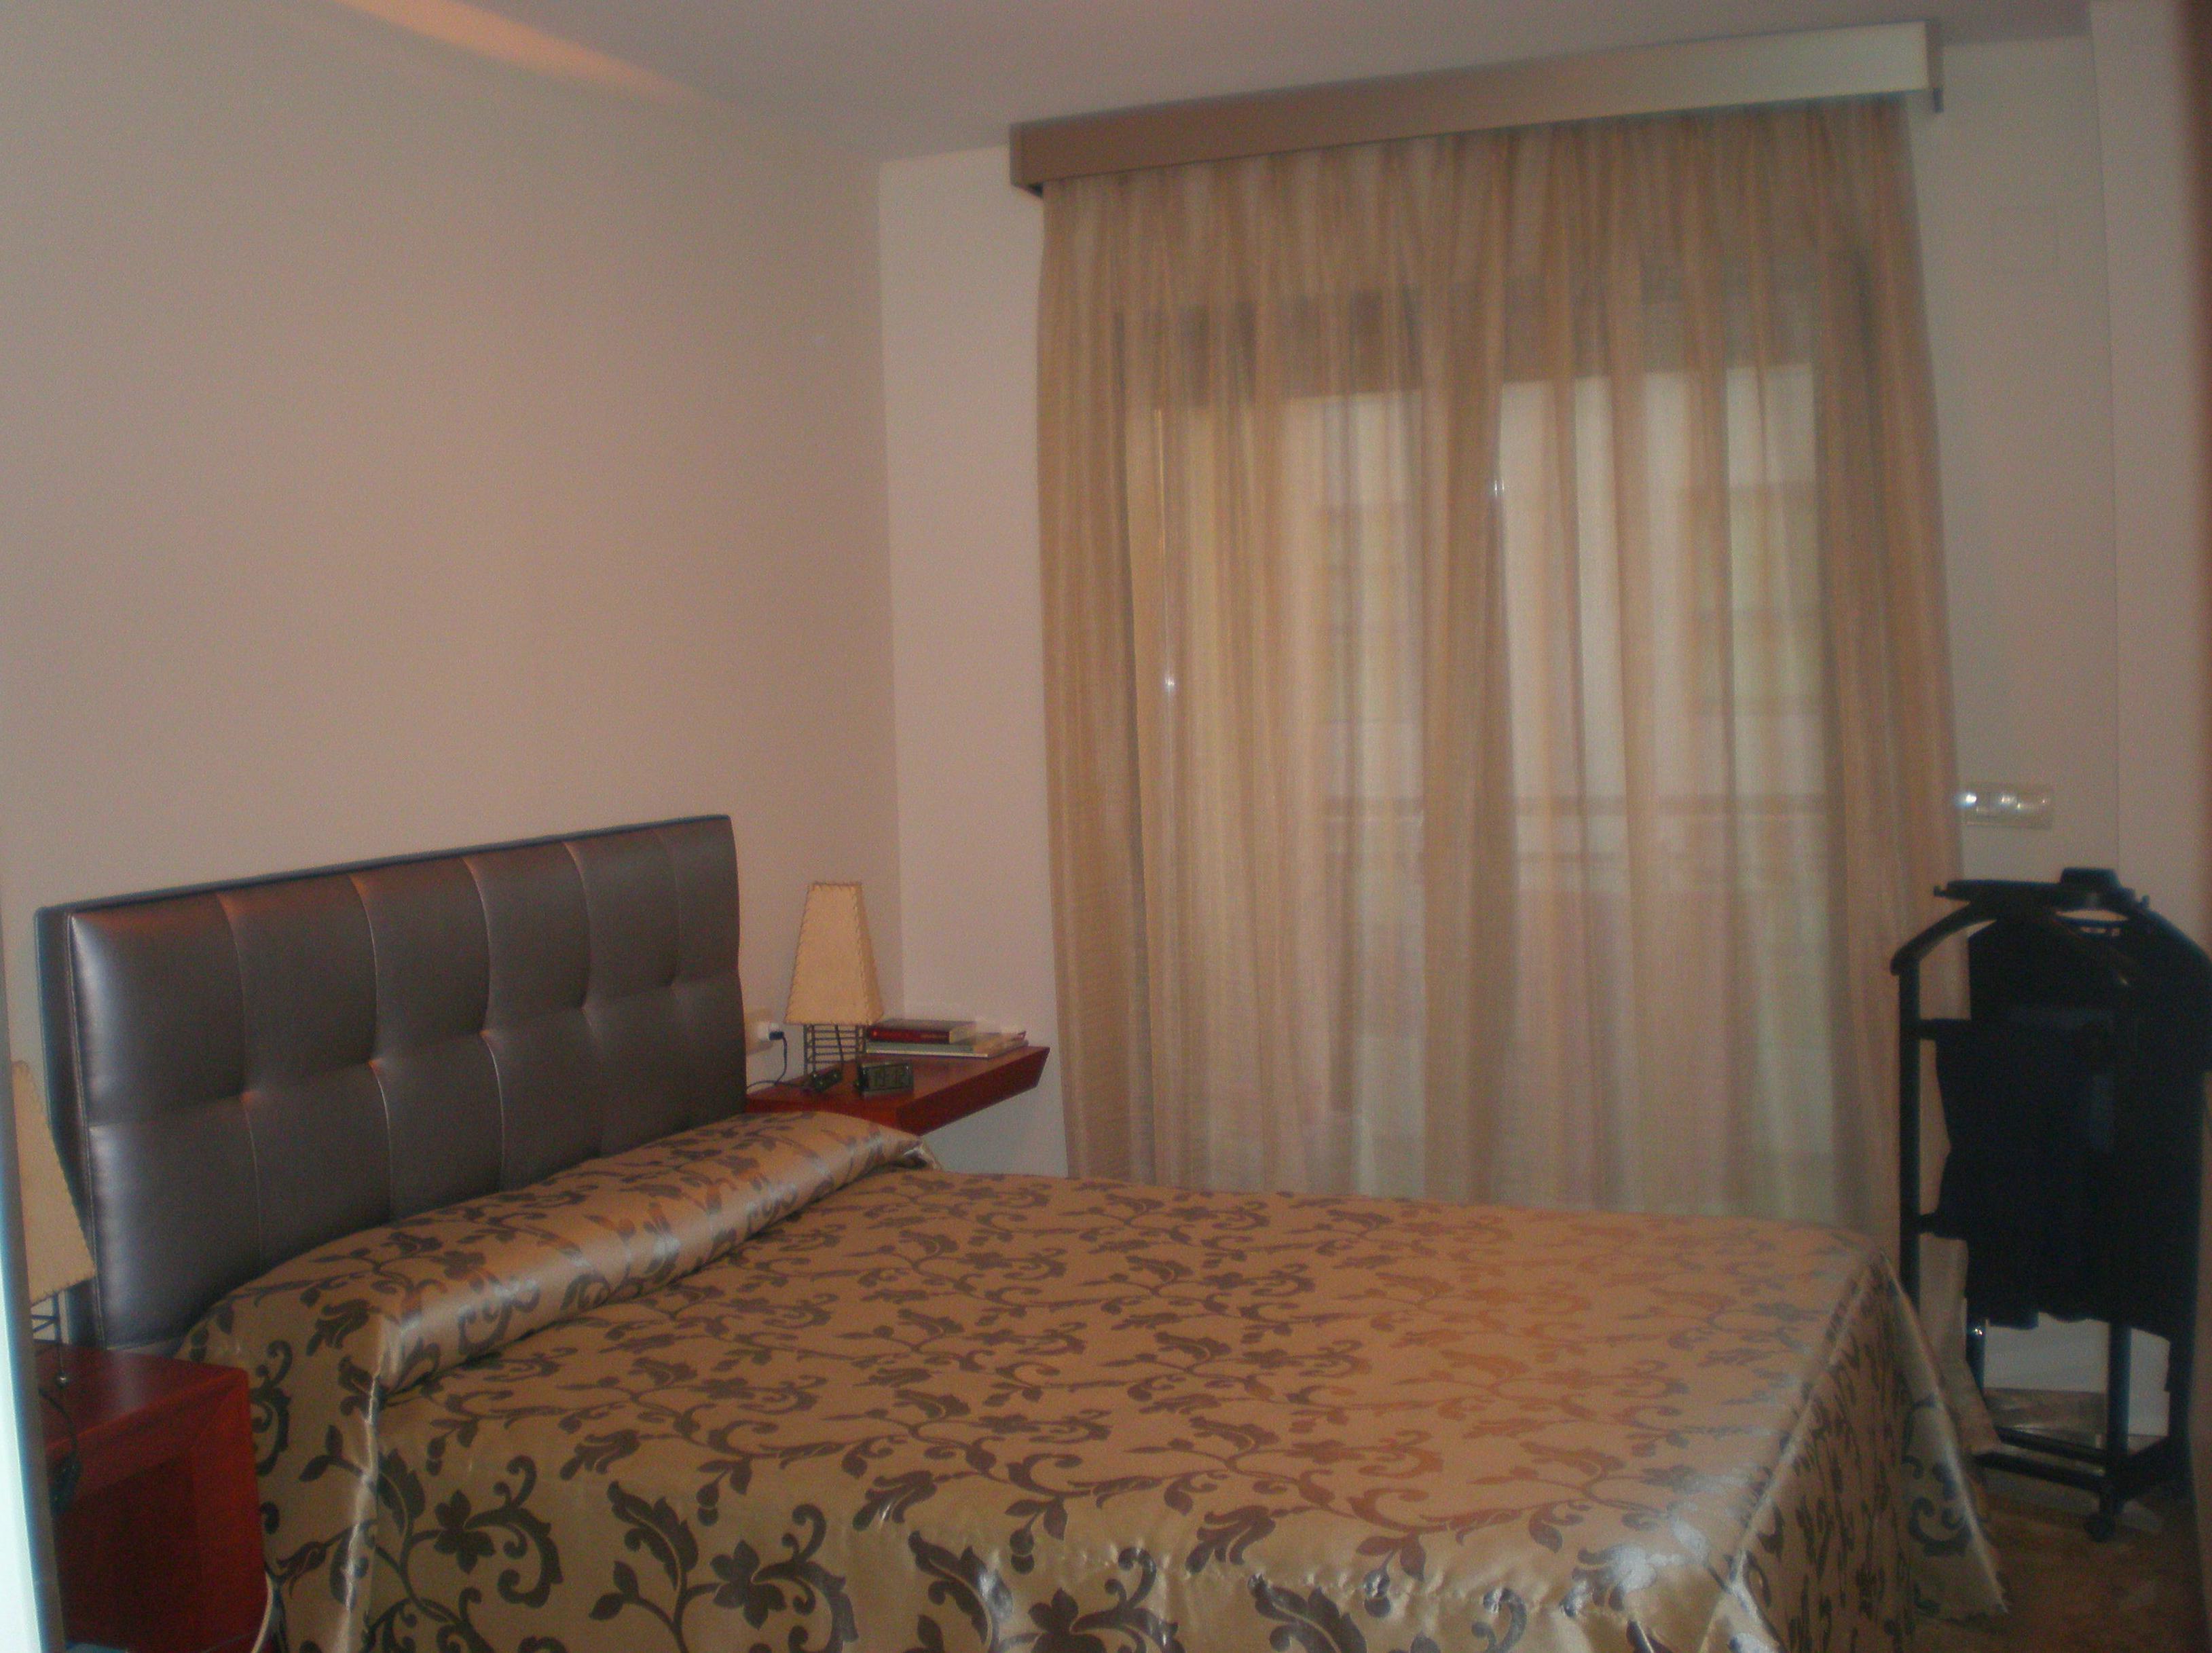 Cabezal tapizado, colcha y cortinas. Tienda de cortinas en Valencia